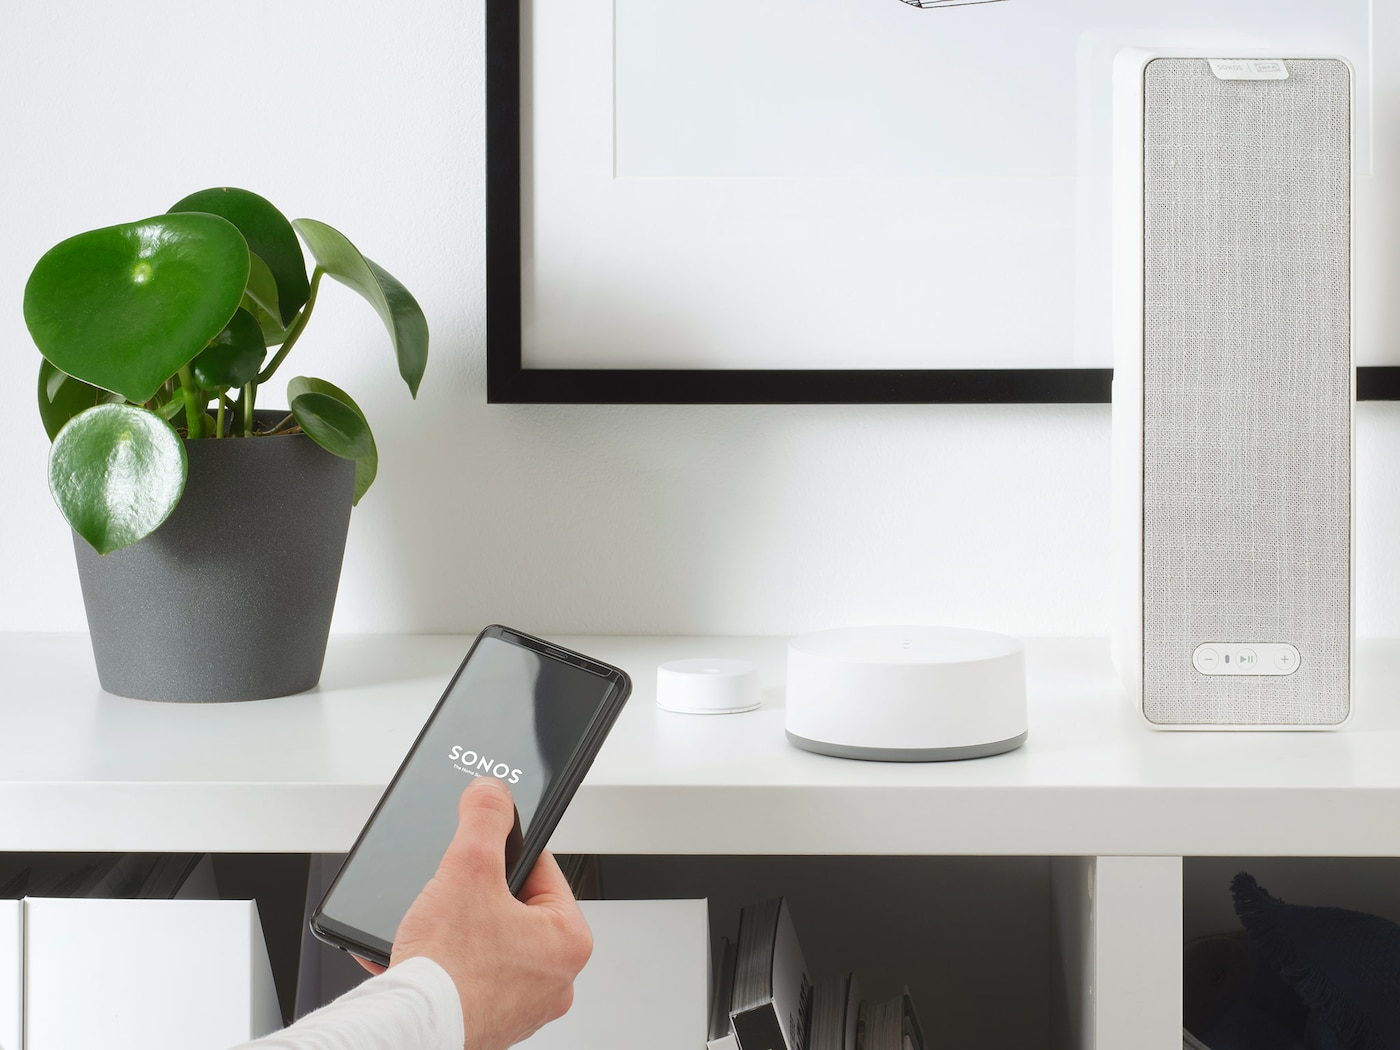 Hvid SYMFONISK wi-fi-højttaler oven på en reol i en stue.